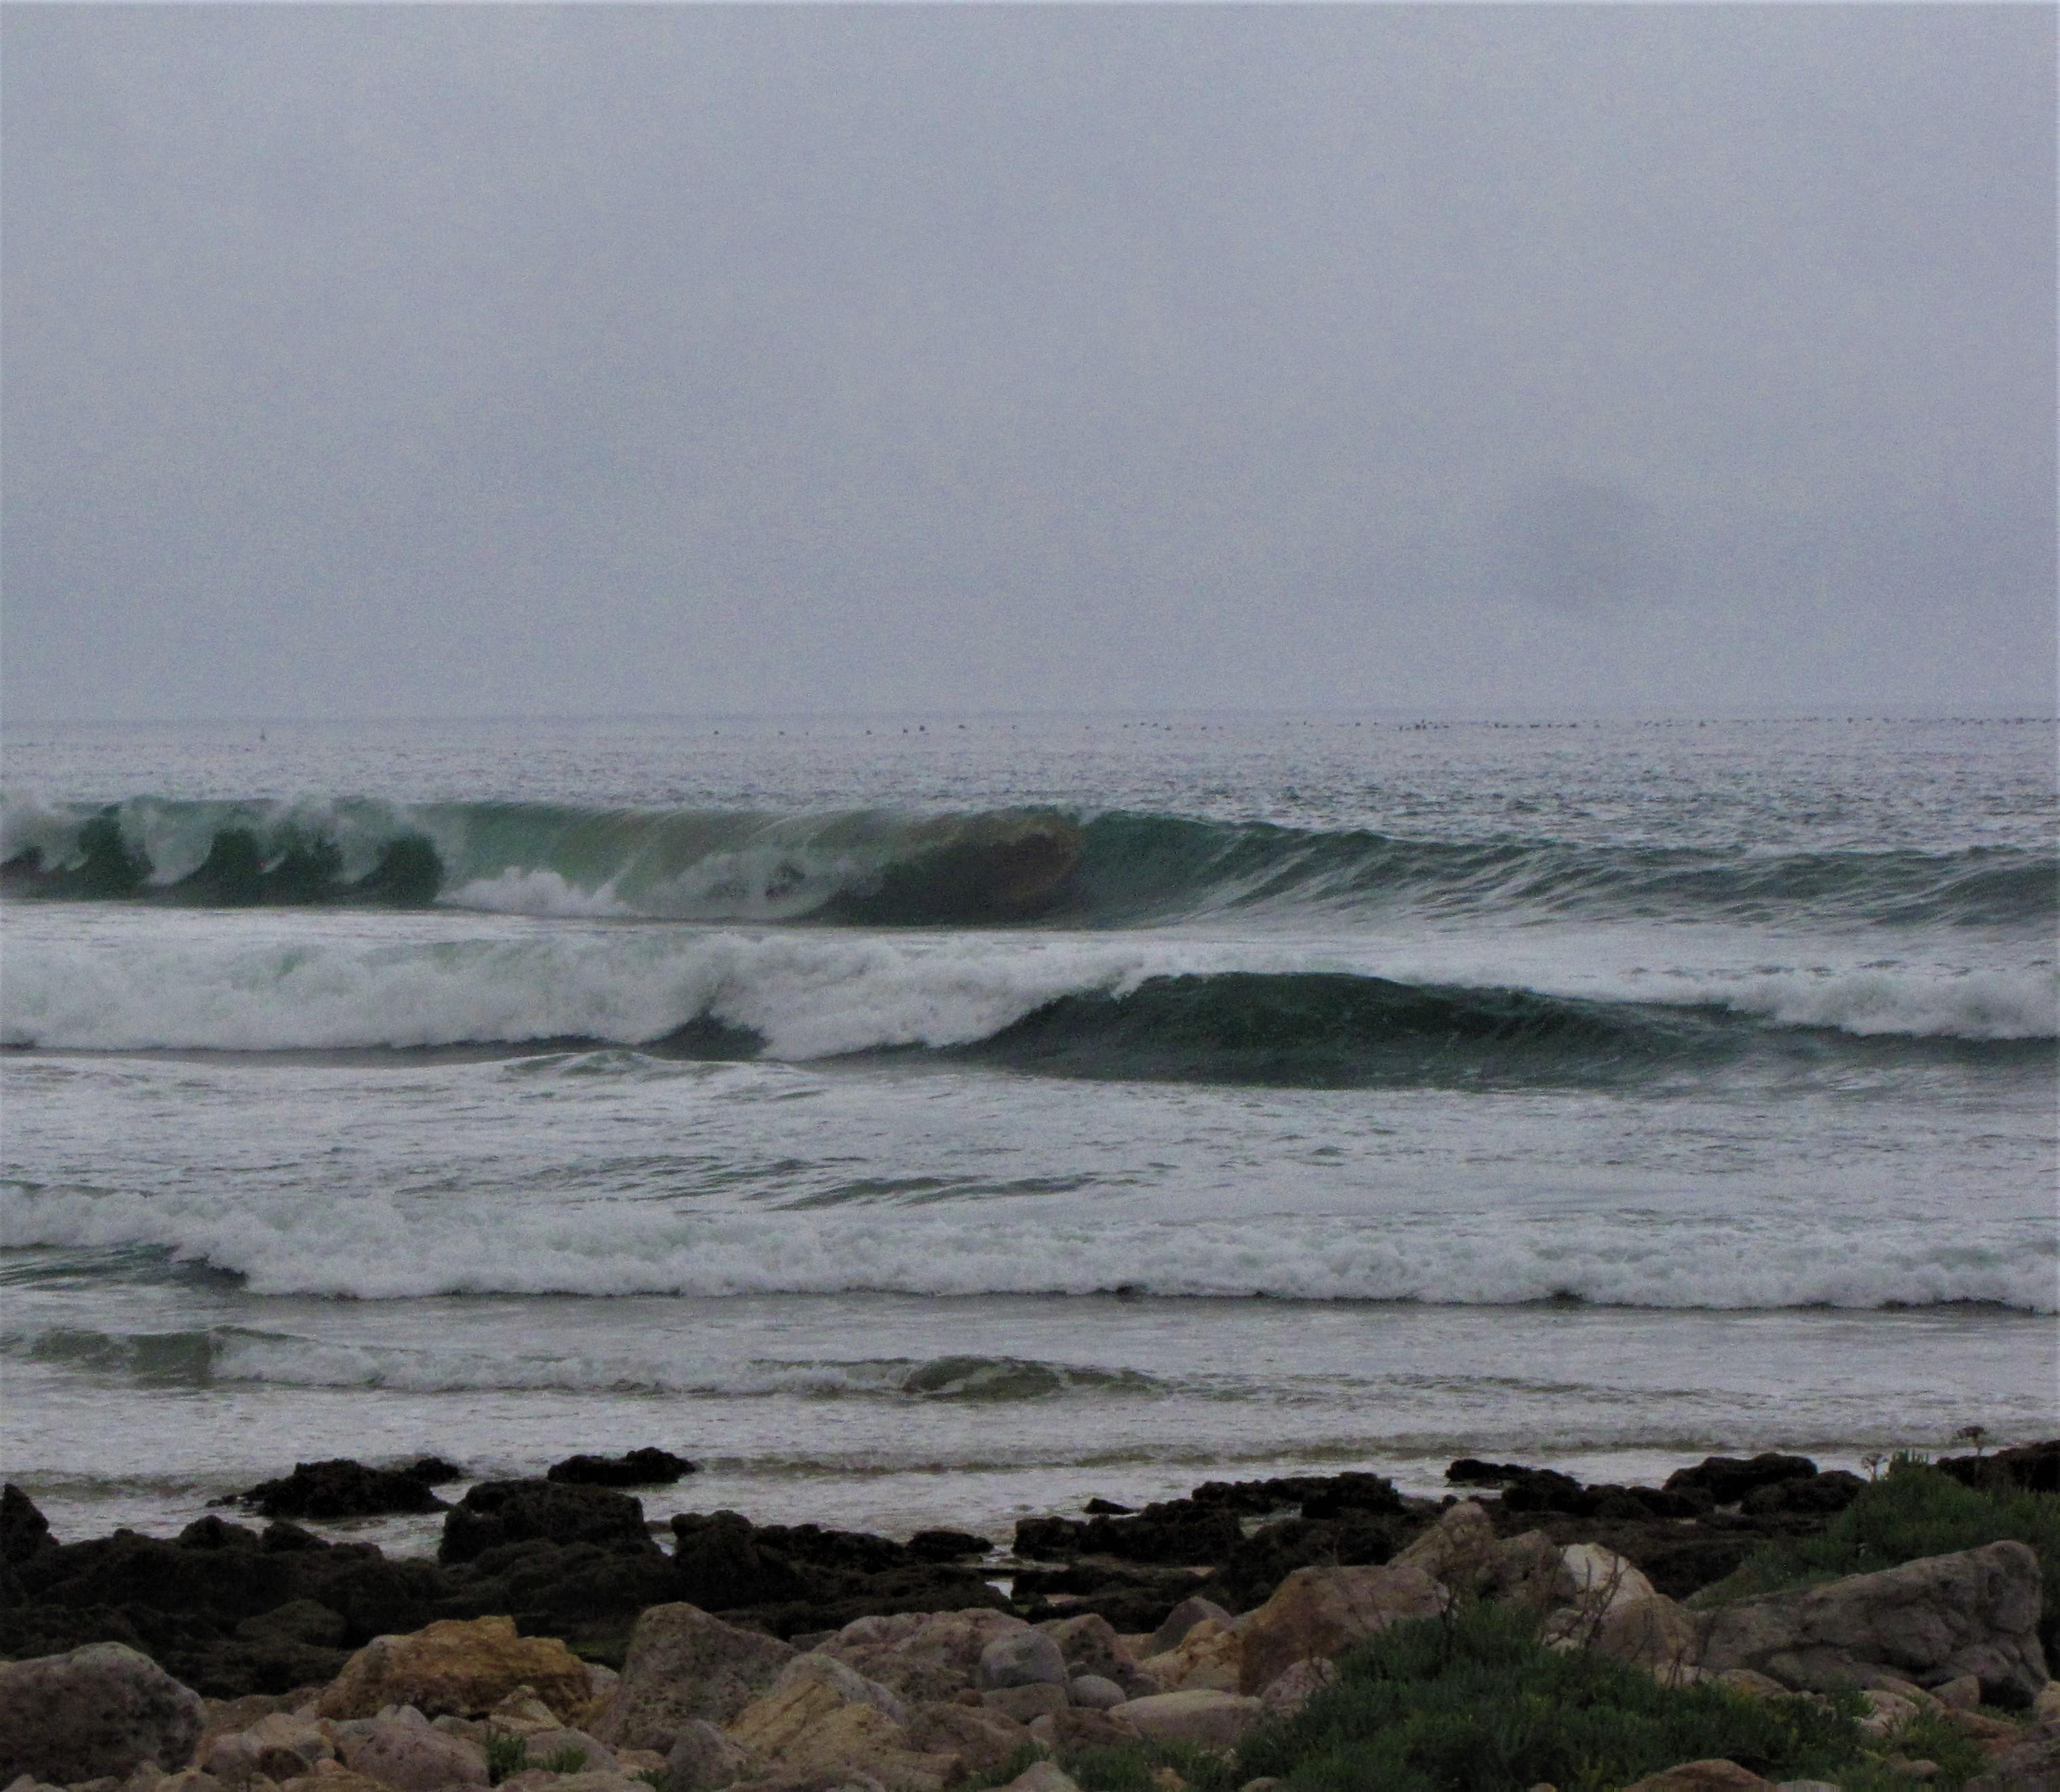 wave barrel left algarve near zavial